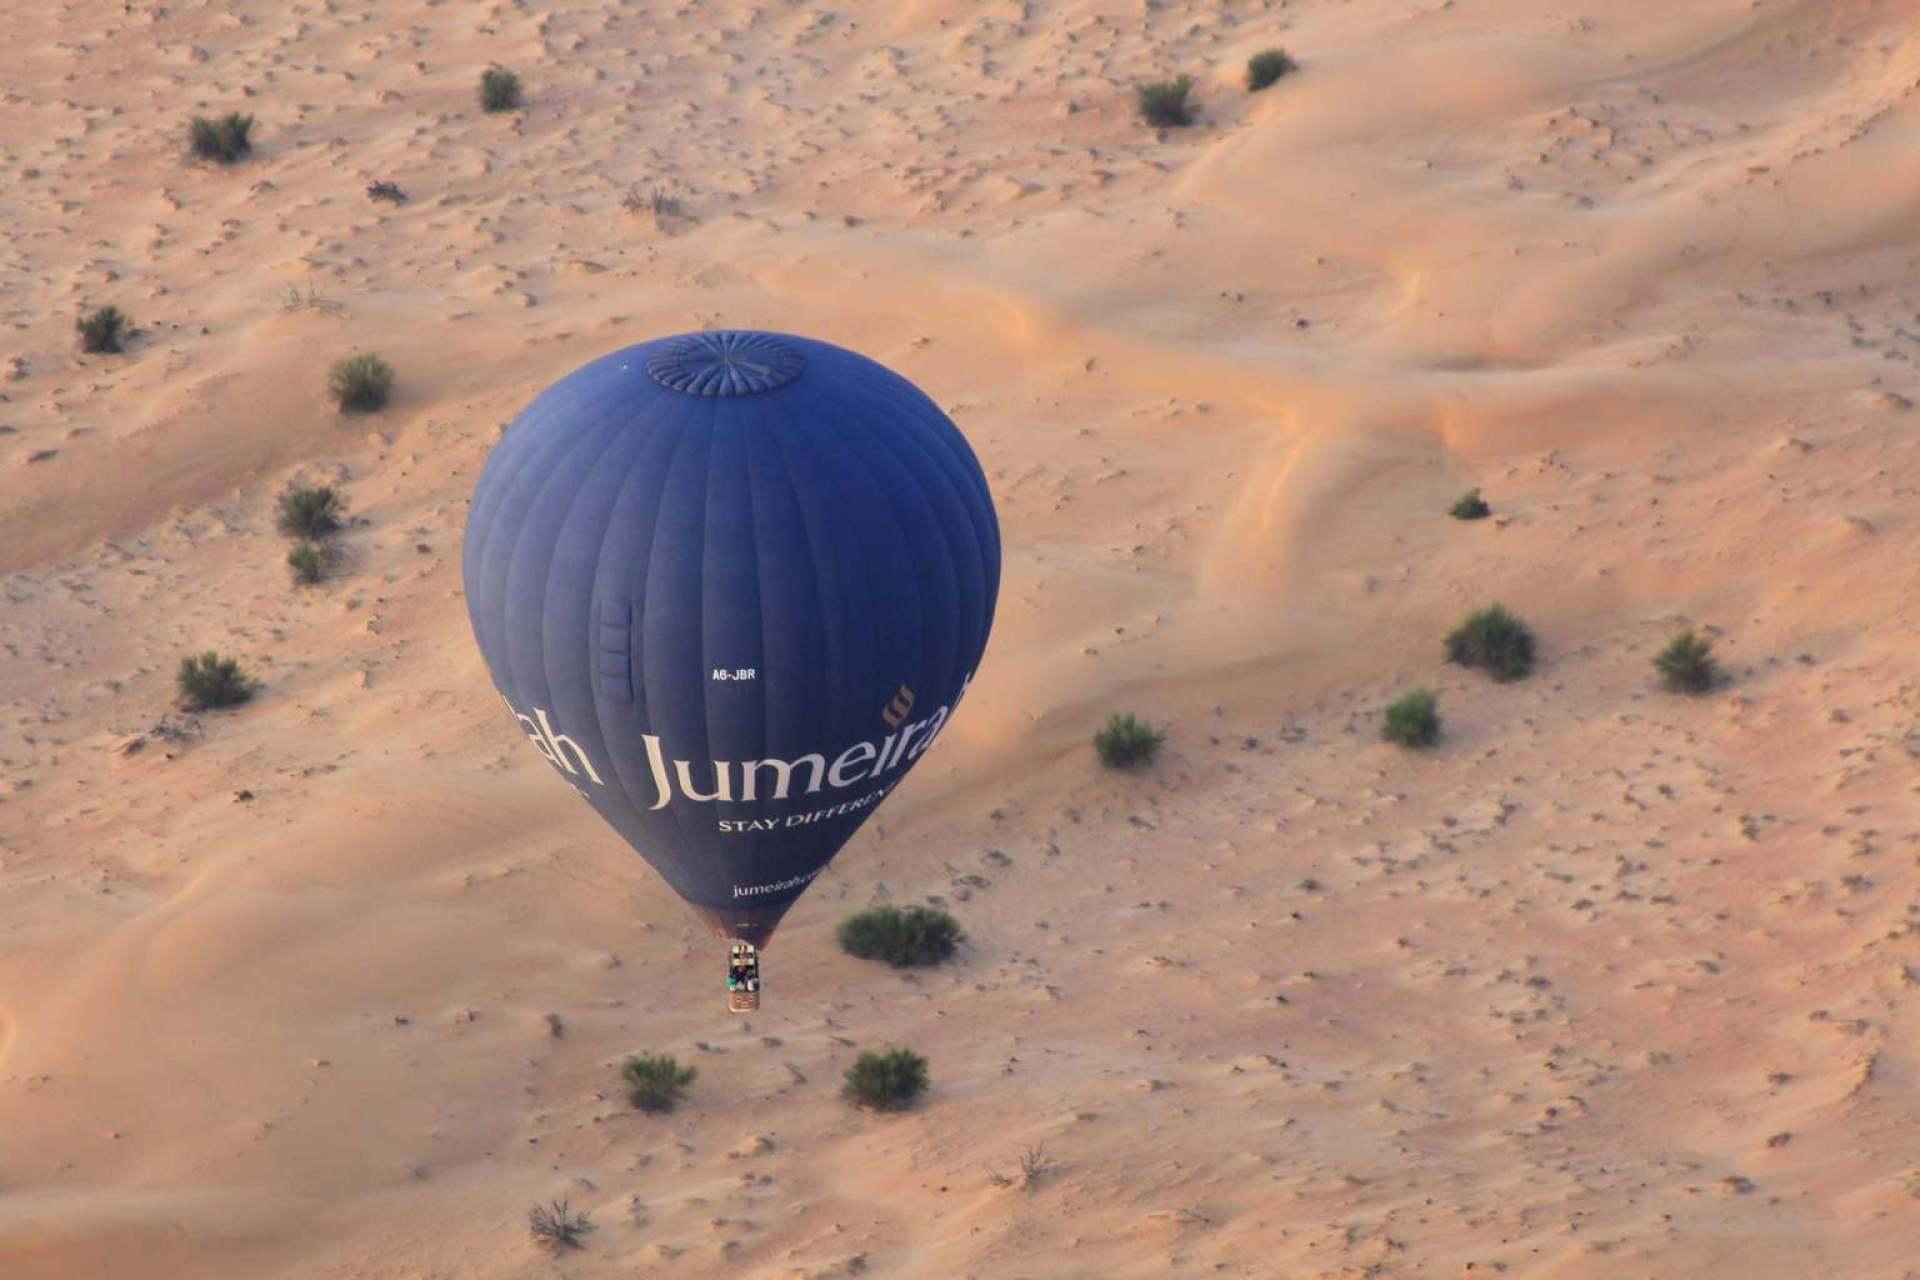 Sunrise hot air balloon over the desert